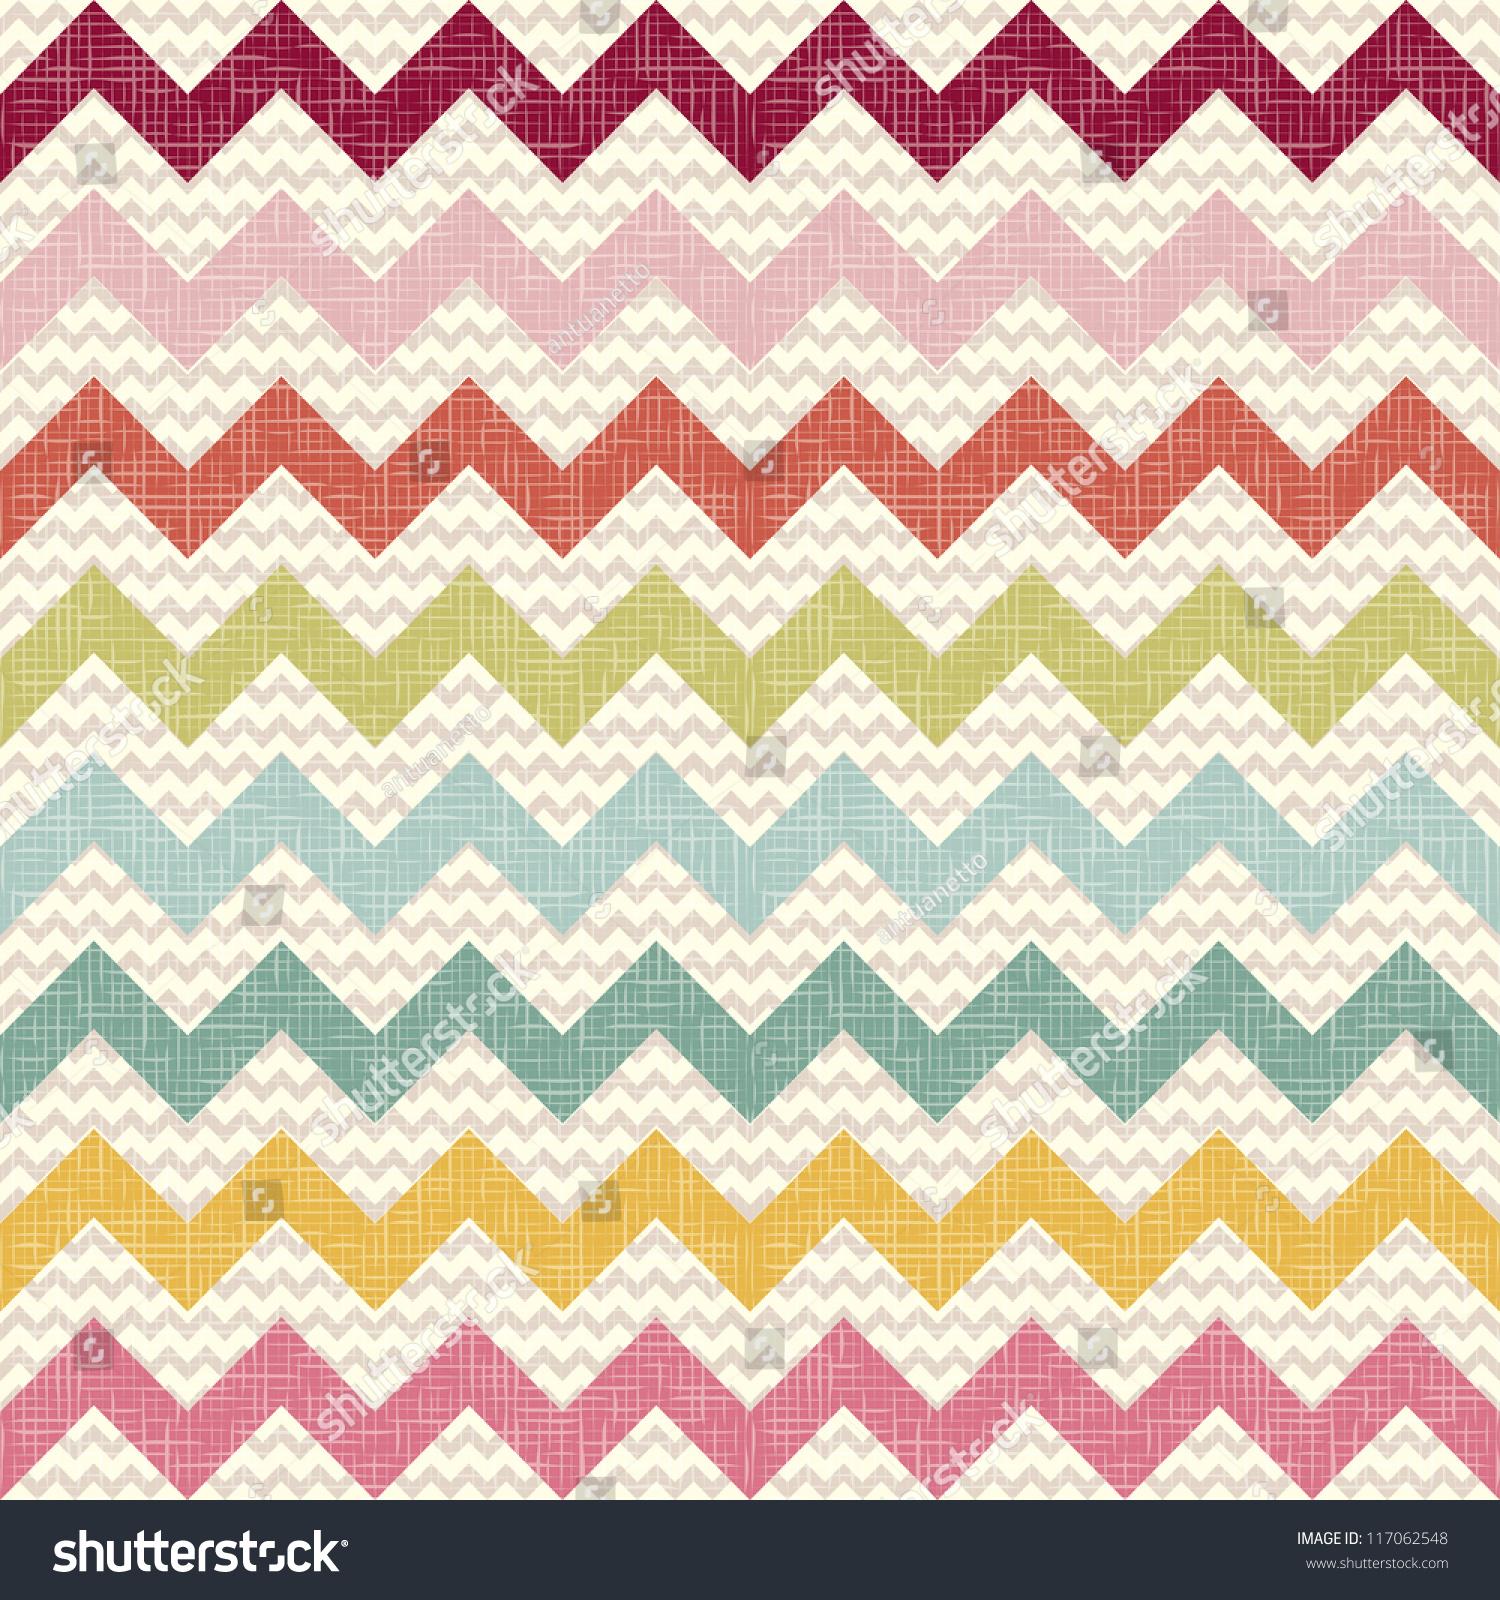 Seamless chevron pattern on linen texture stock photos image - Seamless Color Chevron Pattern On Linen Stock Vector